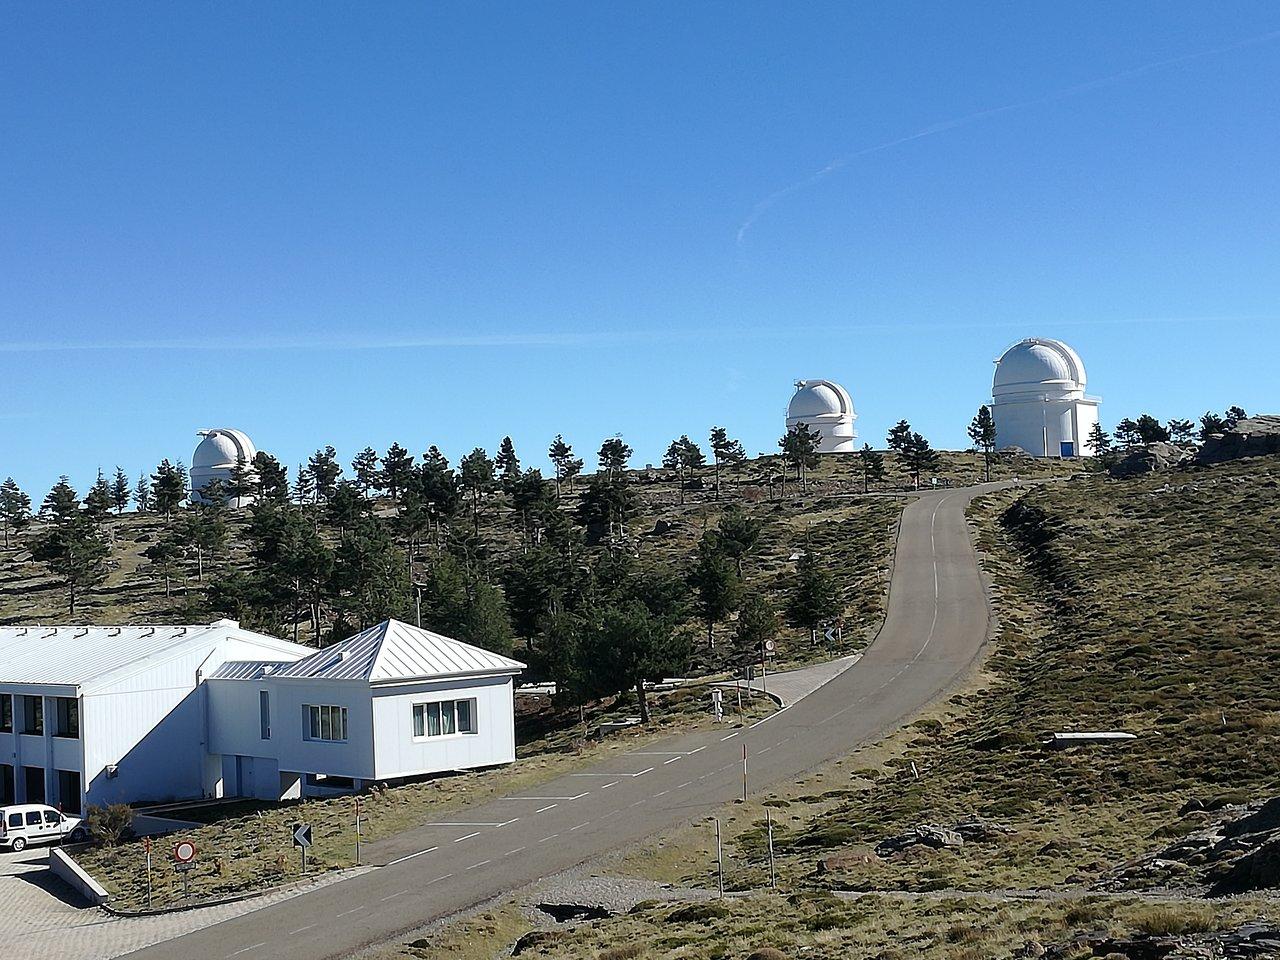 Observatorio de Calar Alto (Gérgal) - 2020 Qué saber antes de ir - Lo más  comentado por la gente - Tripadvisor